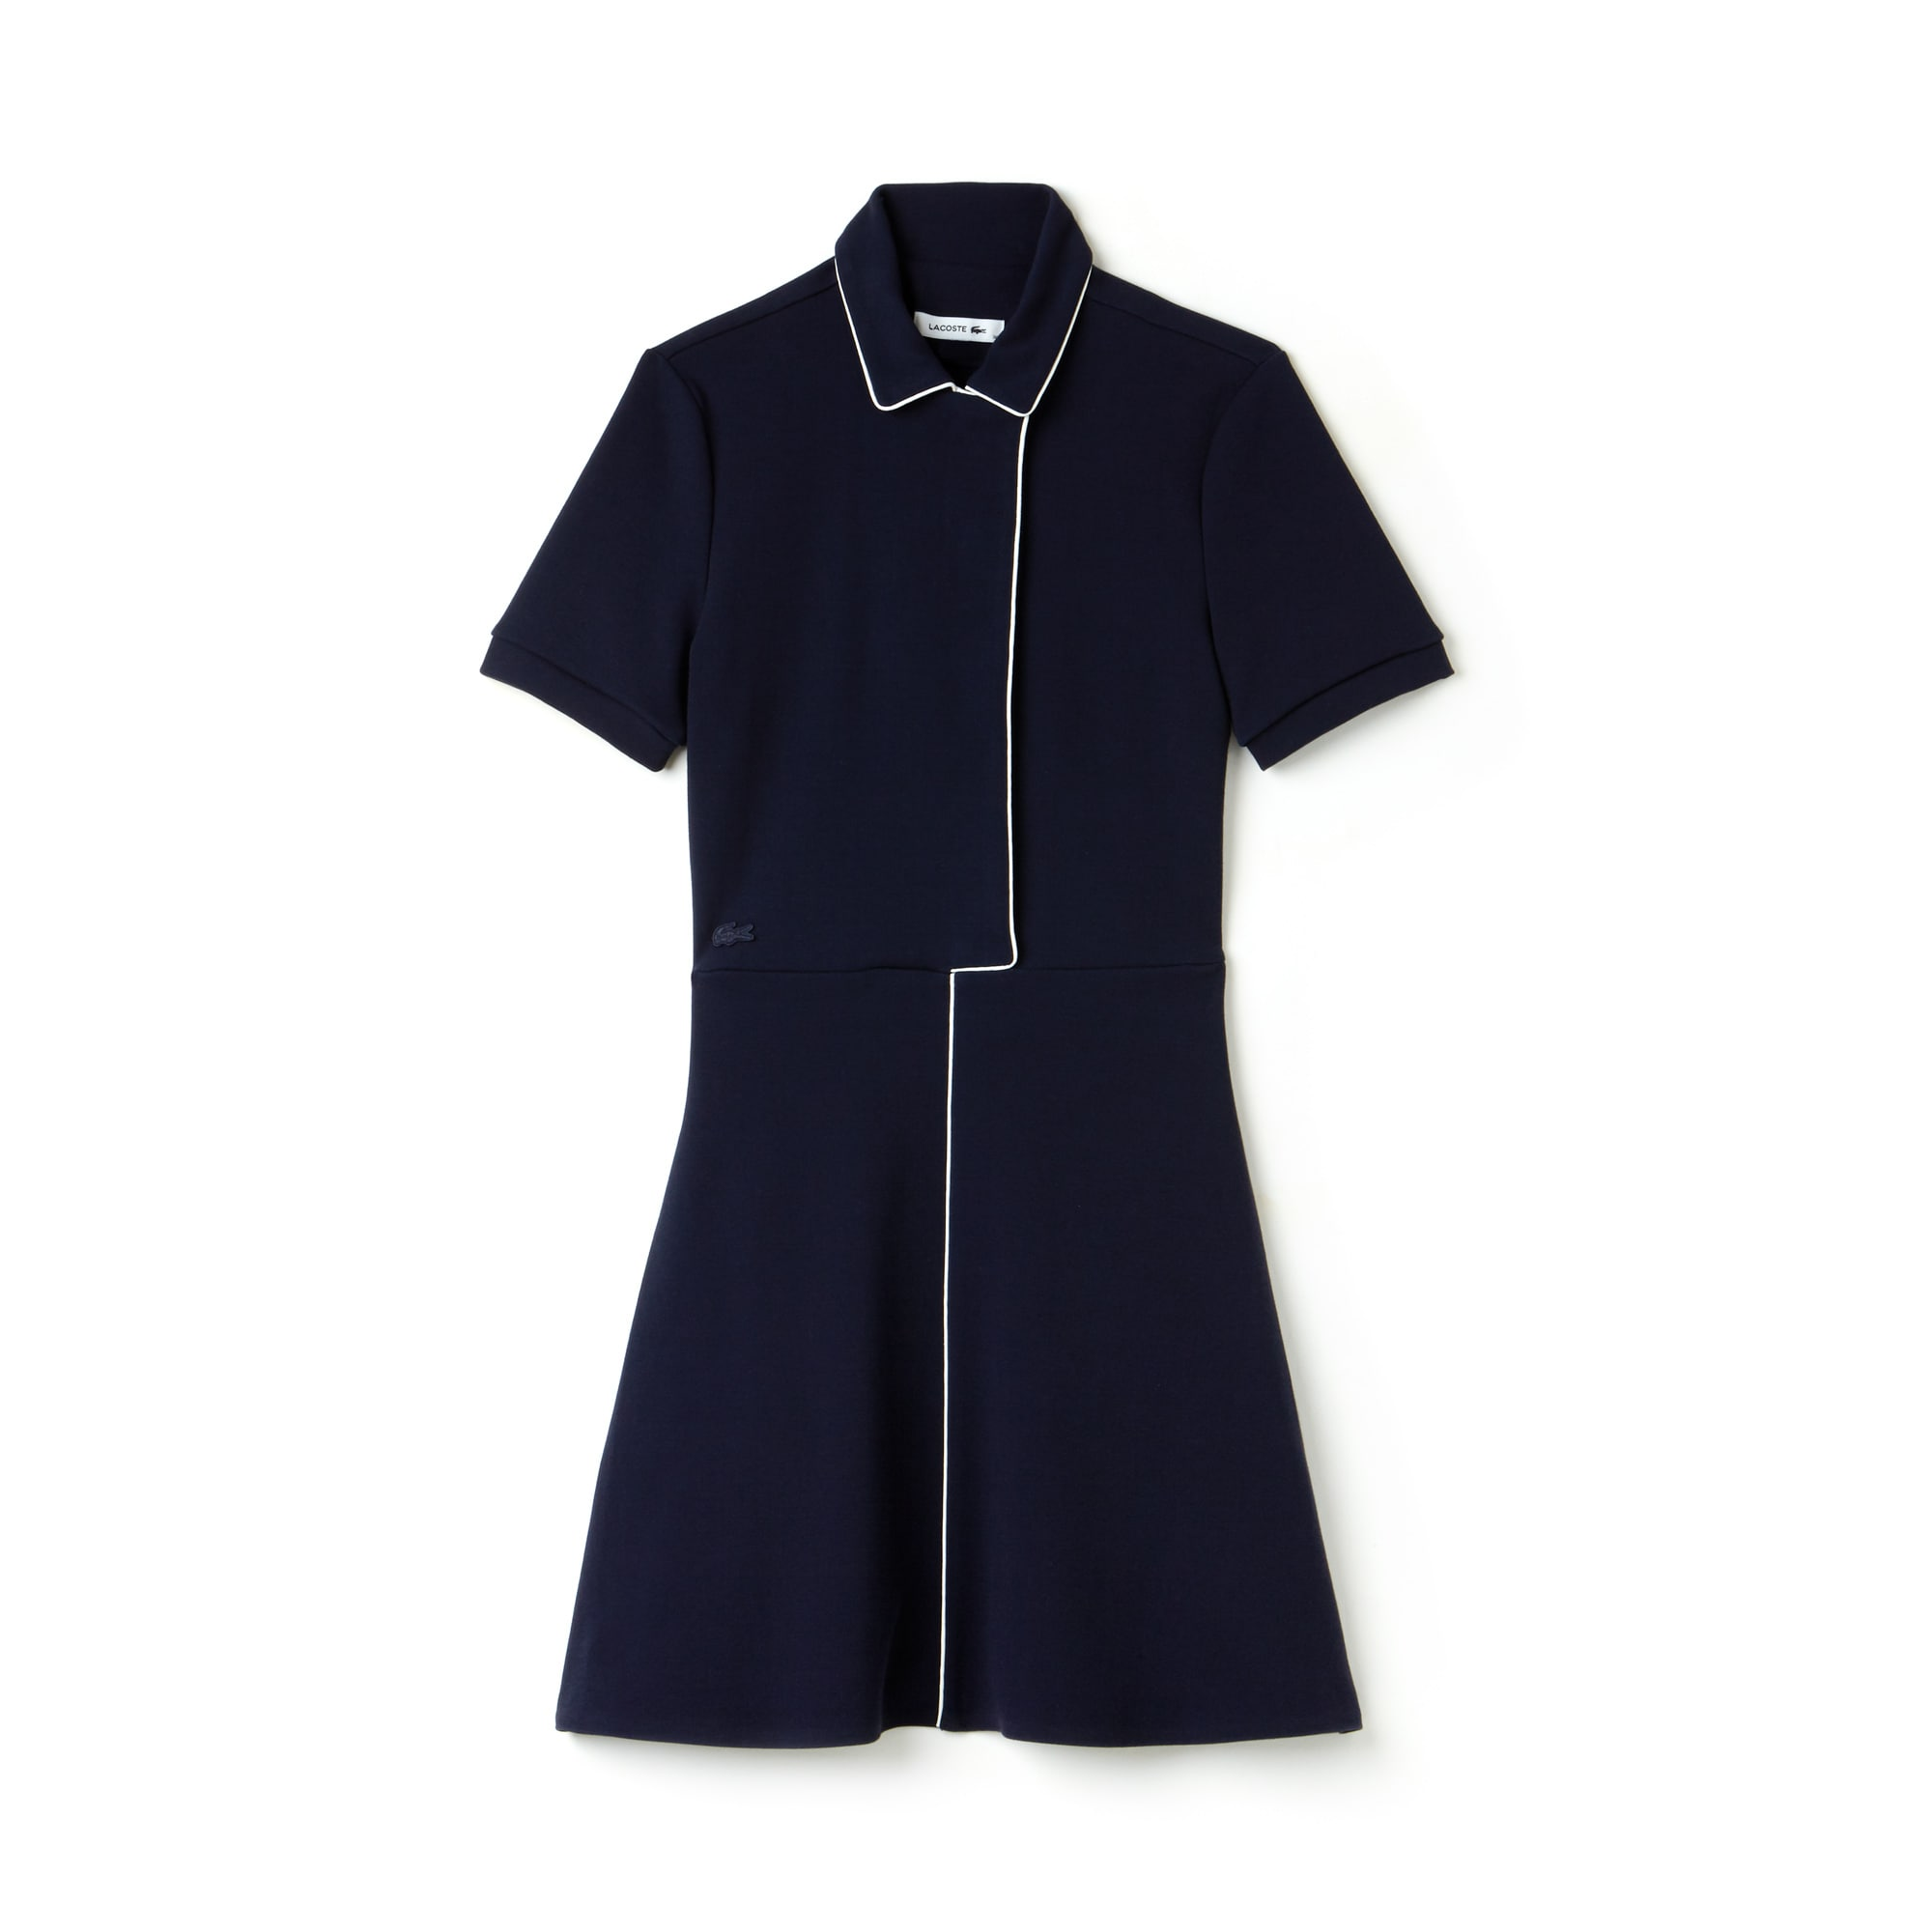 Vestido De Mujer En Interlock De Algodón Ribeteado, Ajustado Y Acampanado